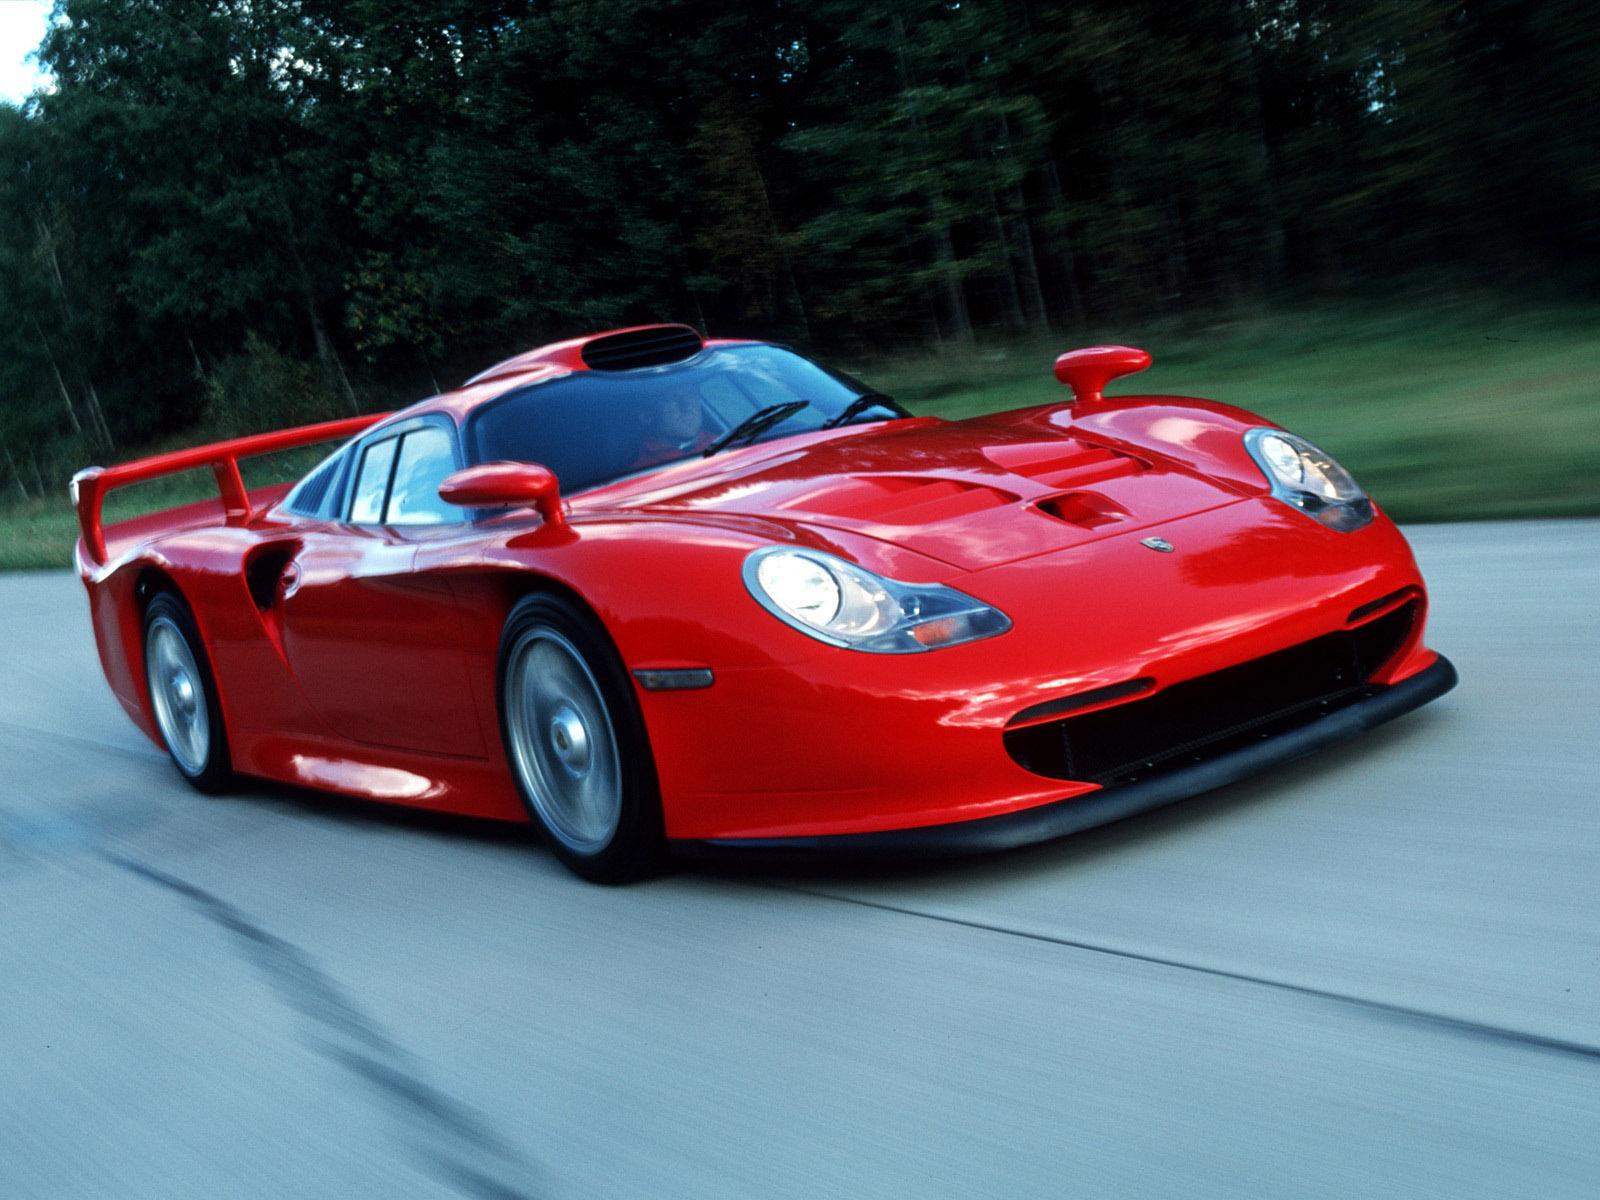 Porsche_911_GT1_LM_Strassenversion_1998 Breathtaking Tamiya Porsche 911 Gt1 Full View Cars Trend